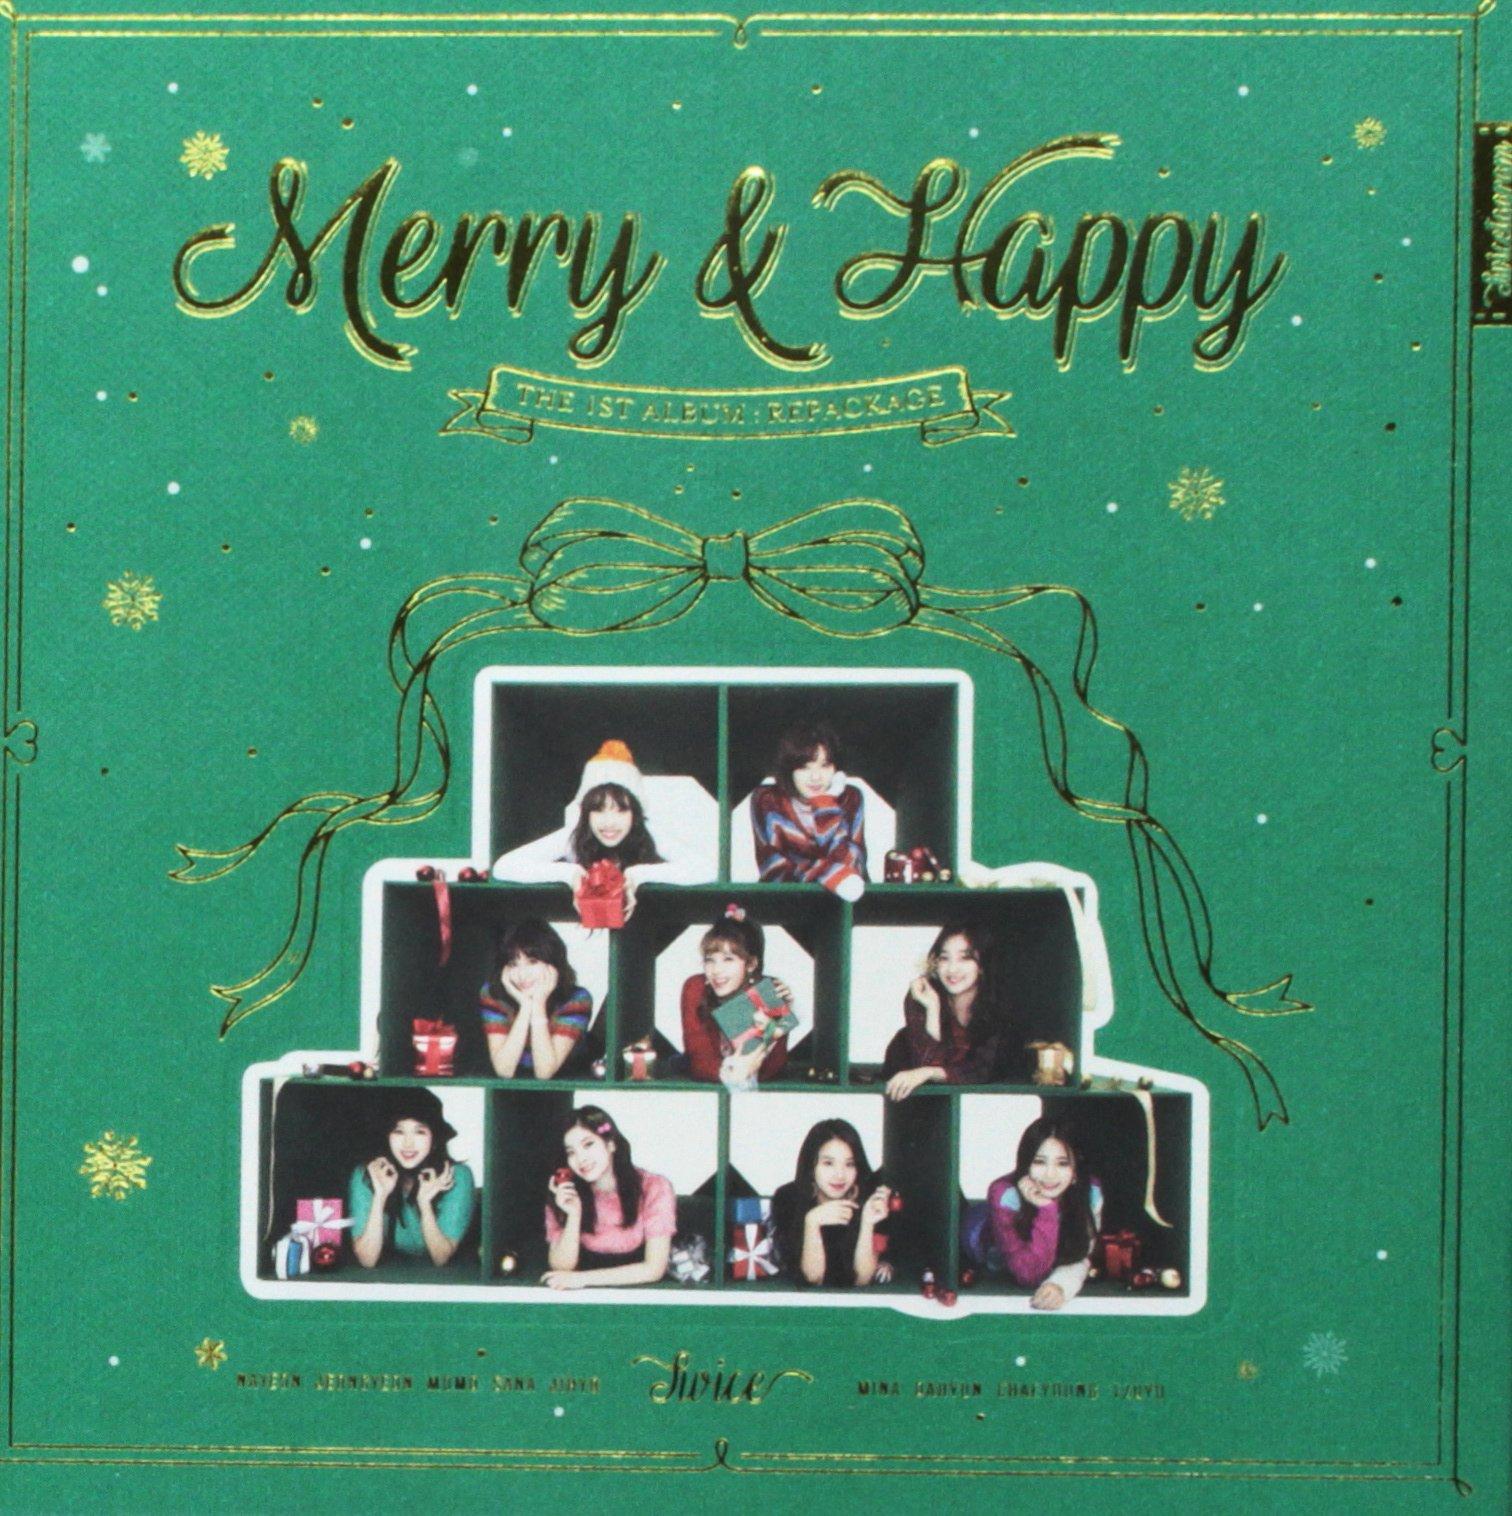 CD : Twice - Merry & Happy (Vol 2) (Asia - Import)